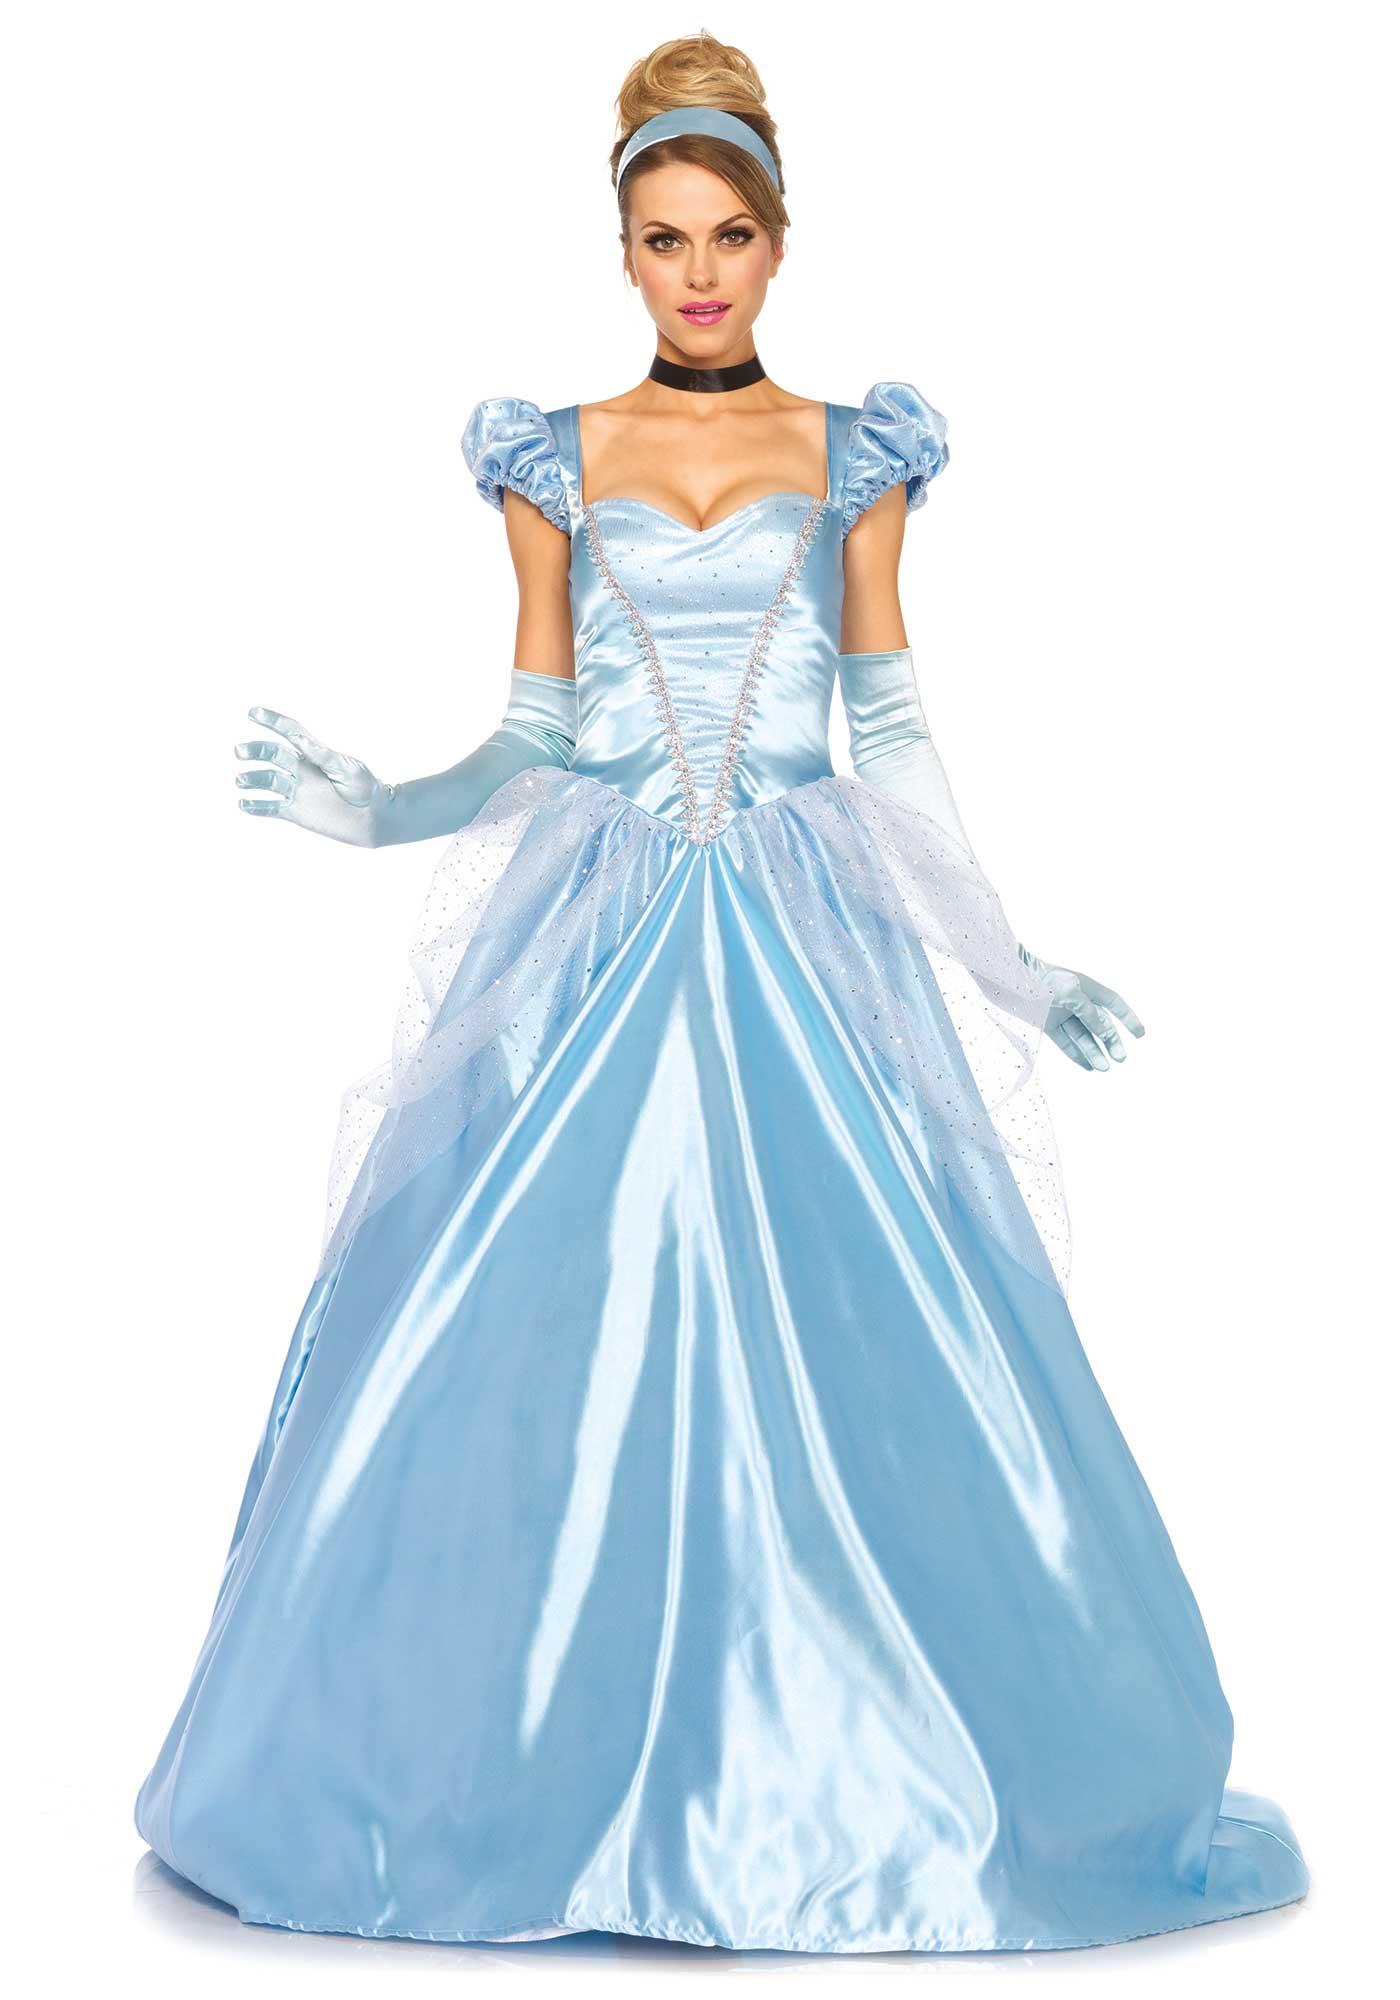 ▷ Avis Déguisement femme princesse disney   Le Test, le Comparatif ... 42329633d213